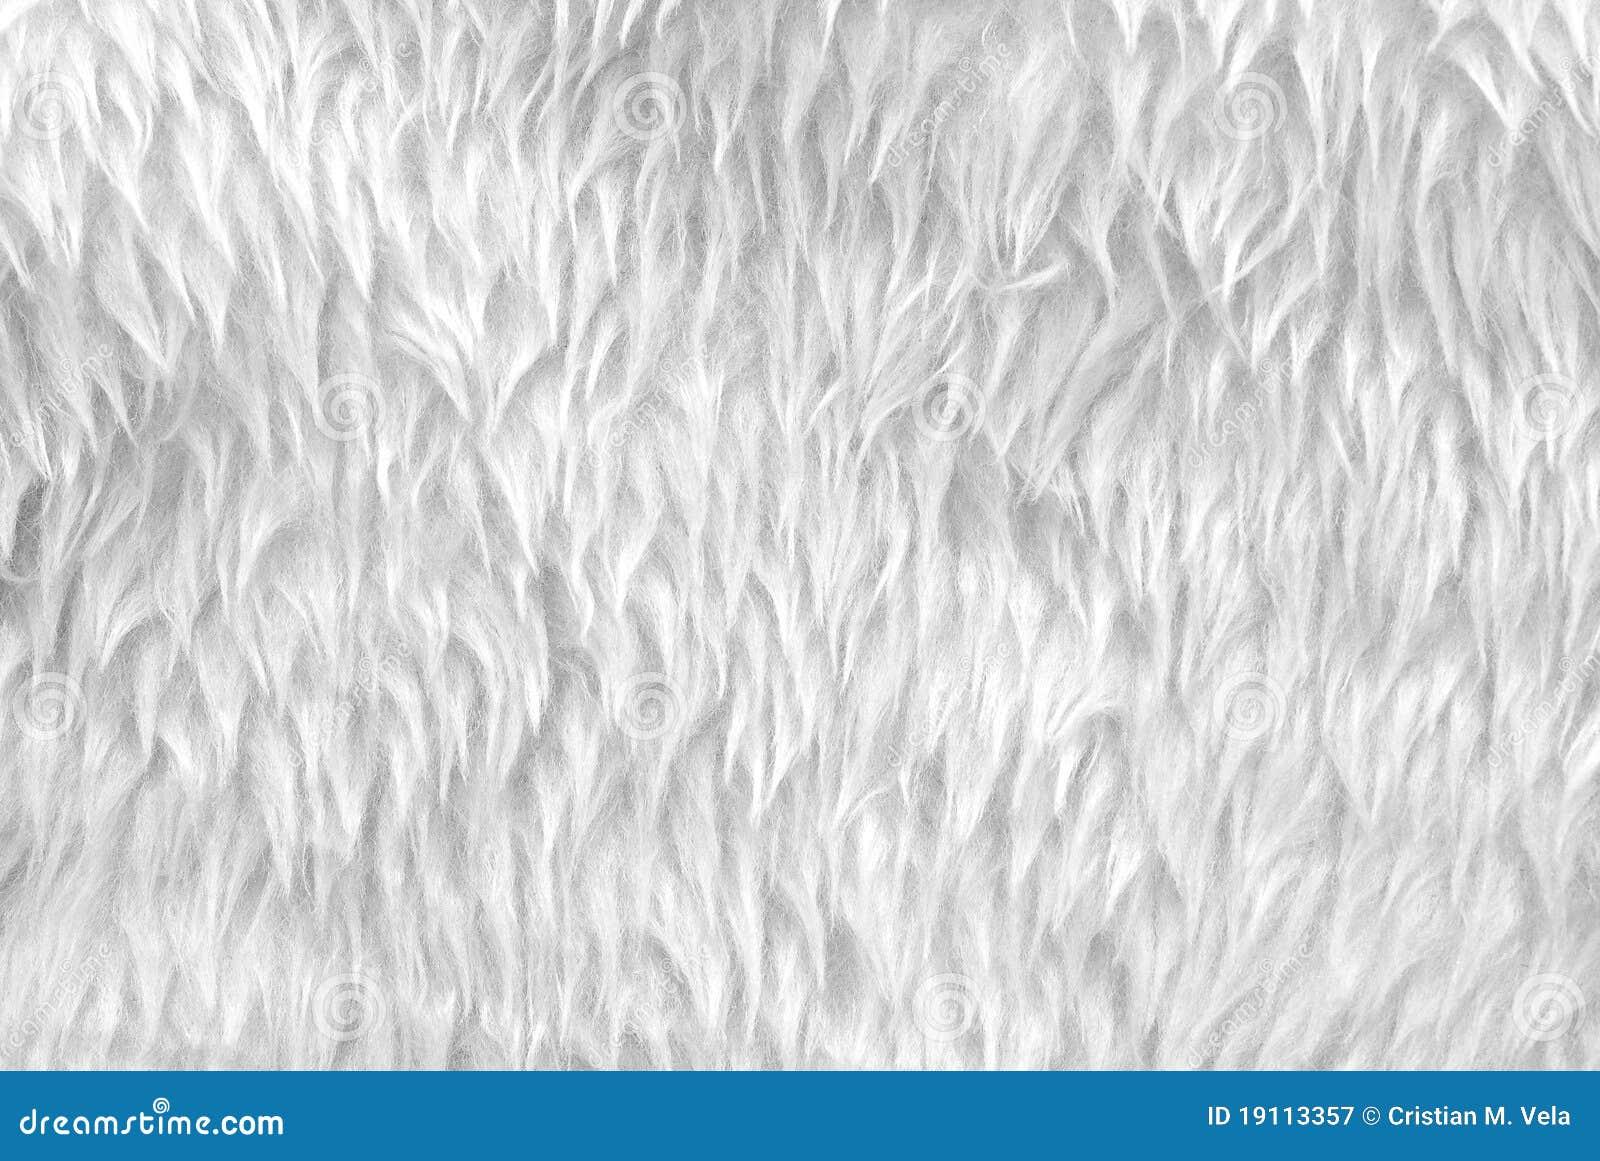 White Fur Stock Image Image Of Short Fake Clean